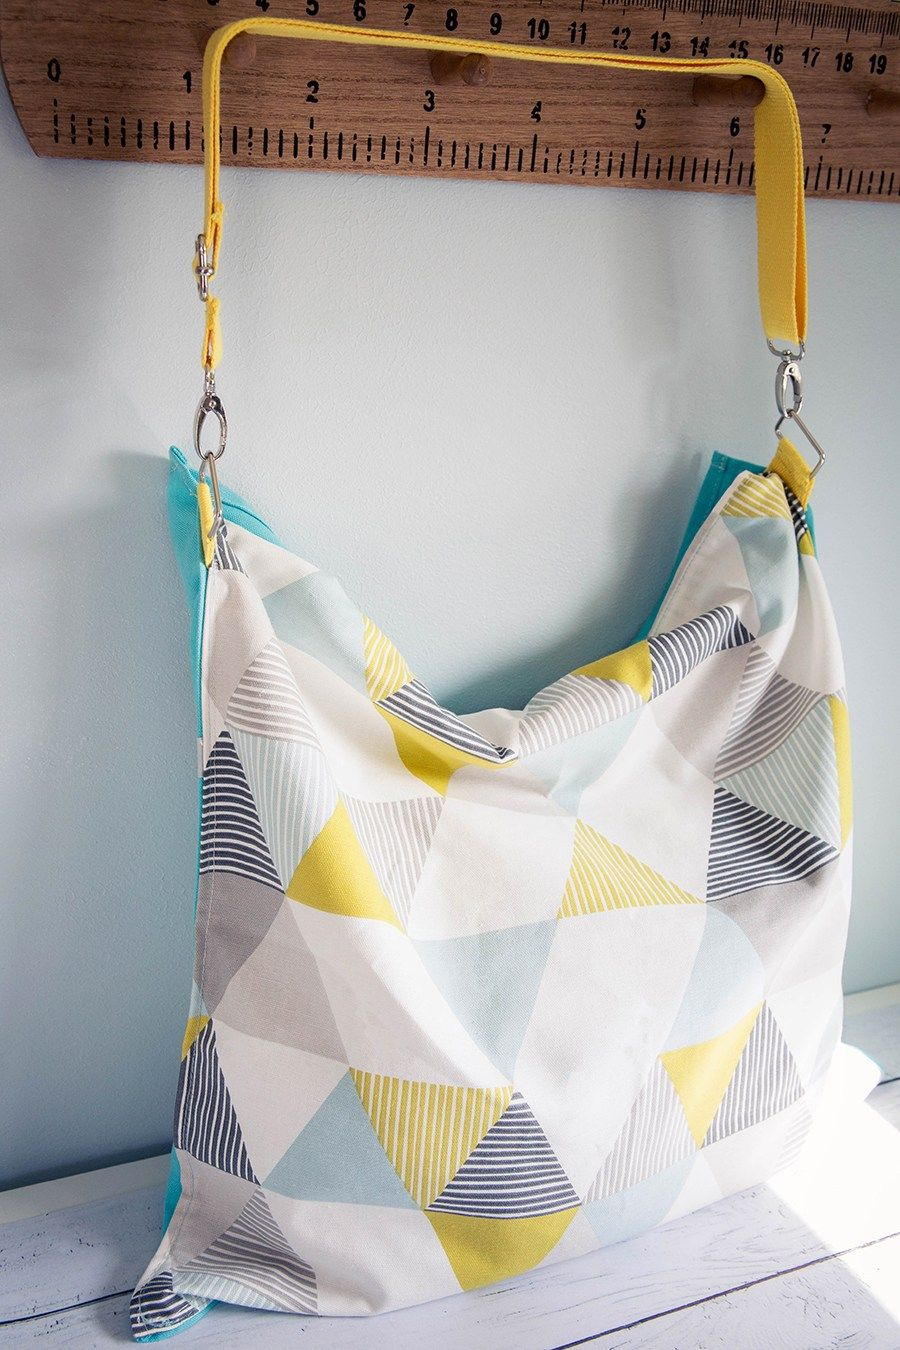 Tuto couture d'été : le sac Magic Maman avec espace de détente et de jeux intégré   Les tutos couture de Dodynette – Sewing